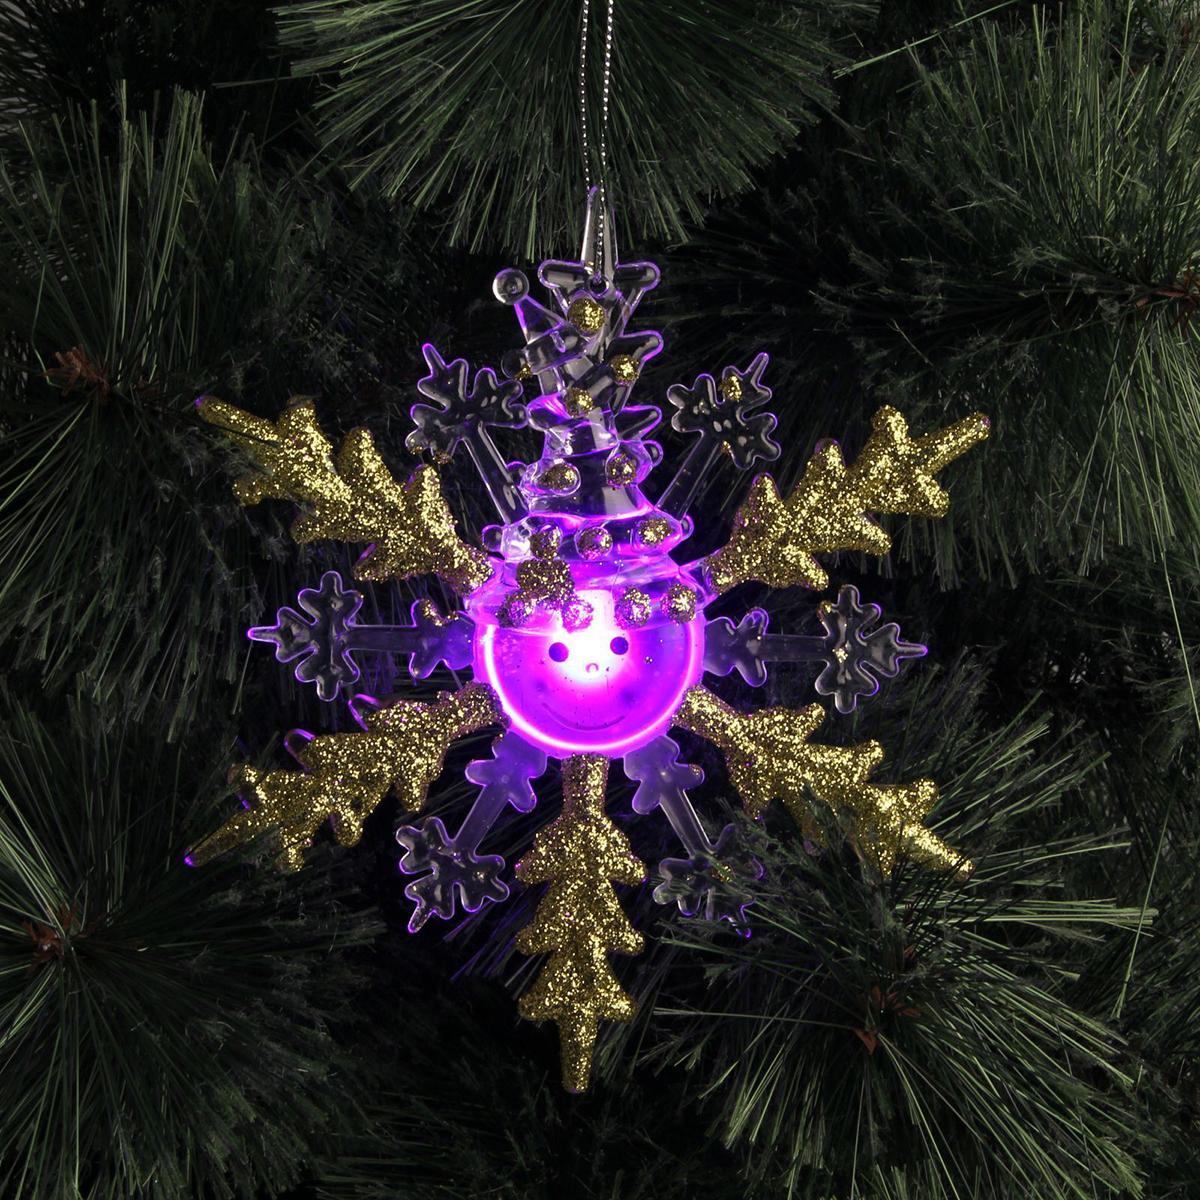 Подвесное украшение праздничное Luazon Lighting Снежинка-снеговик, с подсветкой, цвет: золотистый1077320Оригинальная световая игрушка Снежинка-снеговик станет прекрасным дополнением к праздничному декору. Она работает от батареек и не зависит от розеток, поэтому везде найдет себе место. Повесьте такую игрушку на новогоднюю елку, и дерево засияет так, словно его озарило солнцем. Также этот аксессуар украсит оконные рамы и создаст необычное и таинственное освещение в комнате. Количество светодиодов: 1. Батарейки в комплекте.Пусть торжество заиграет новыми красками!